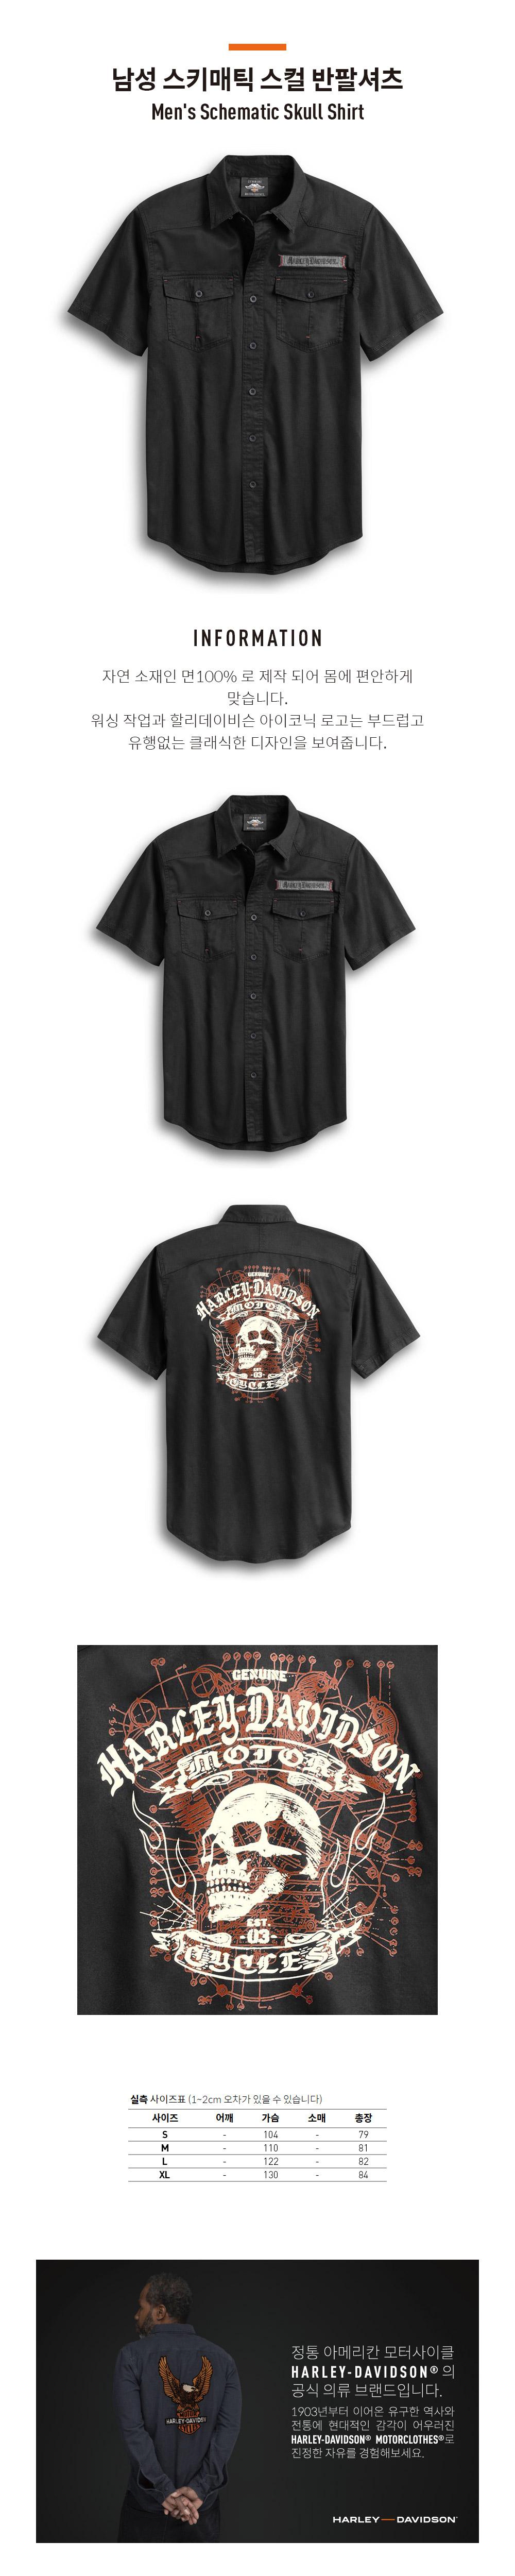 남성 스키매틱 스컬 반팔셔츠